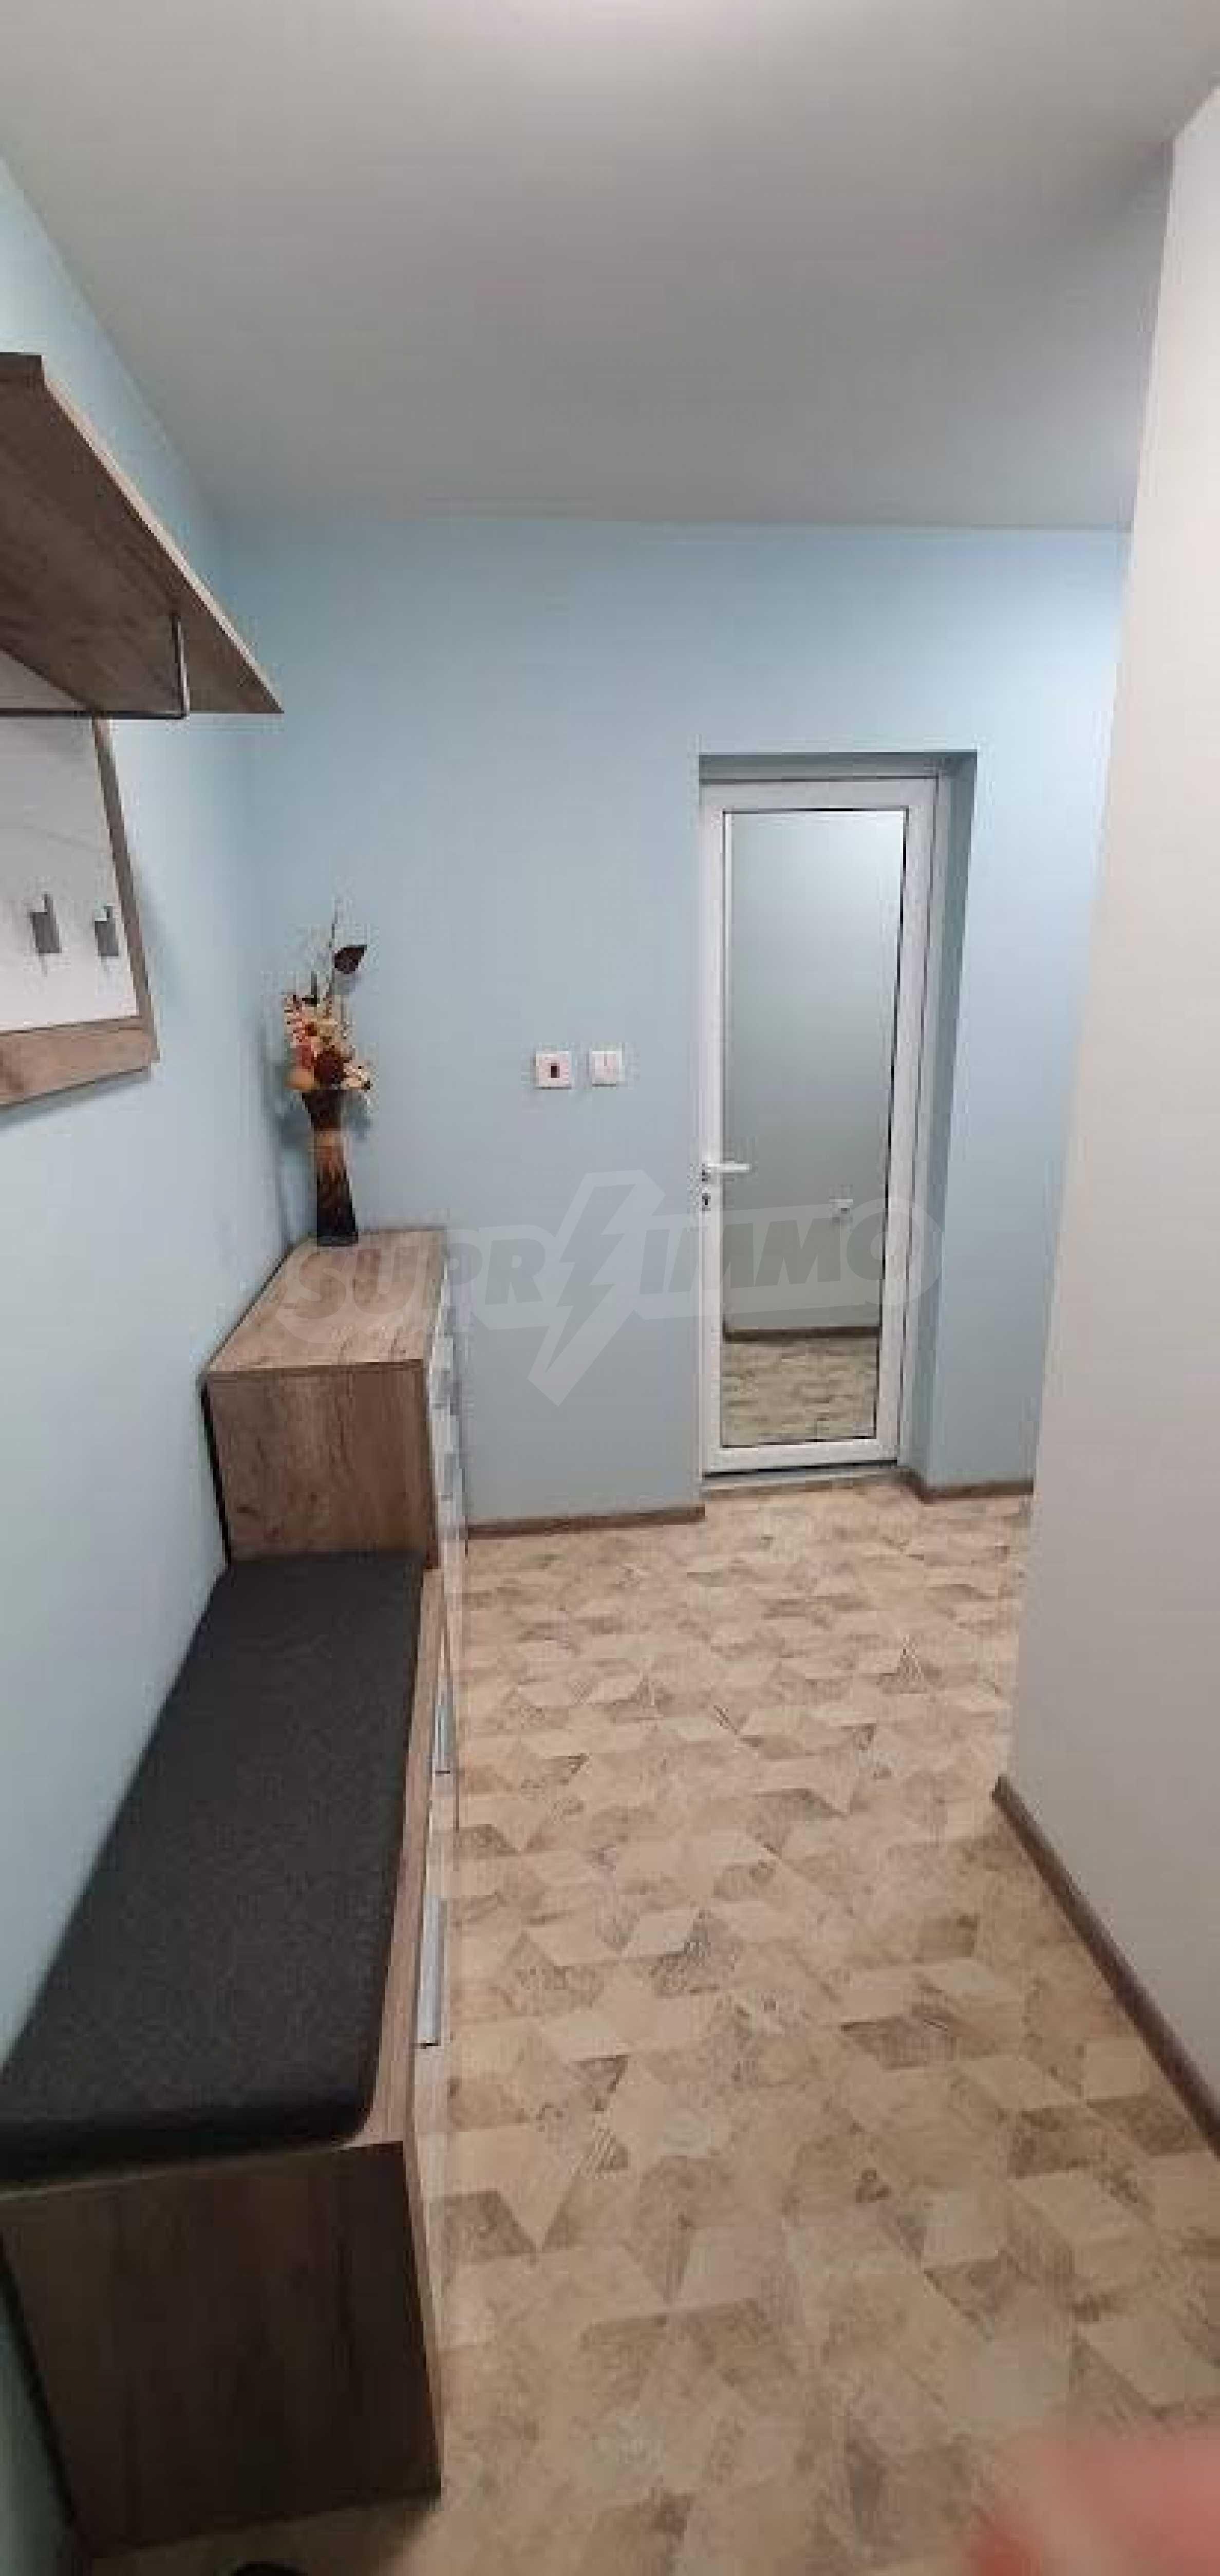 Новая стильно меблированная двухкомнатная квартира в Пловдиве, Центральный район, Каменица 12